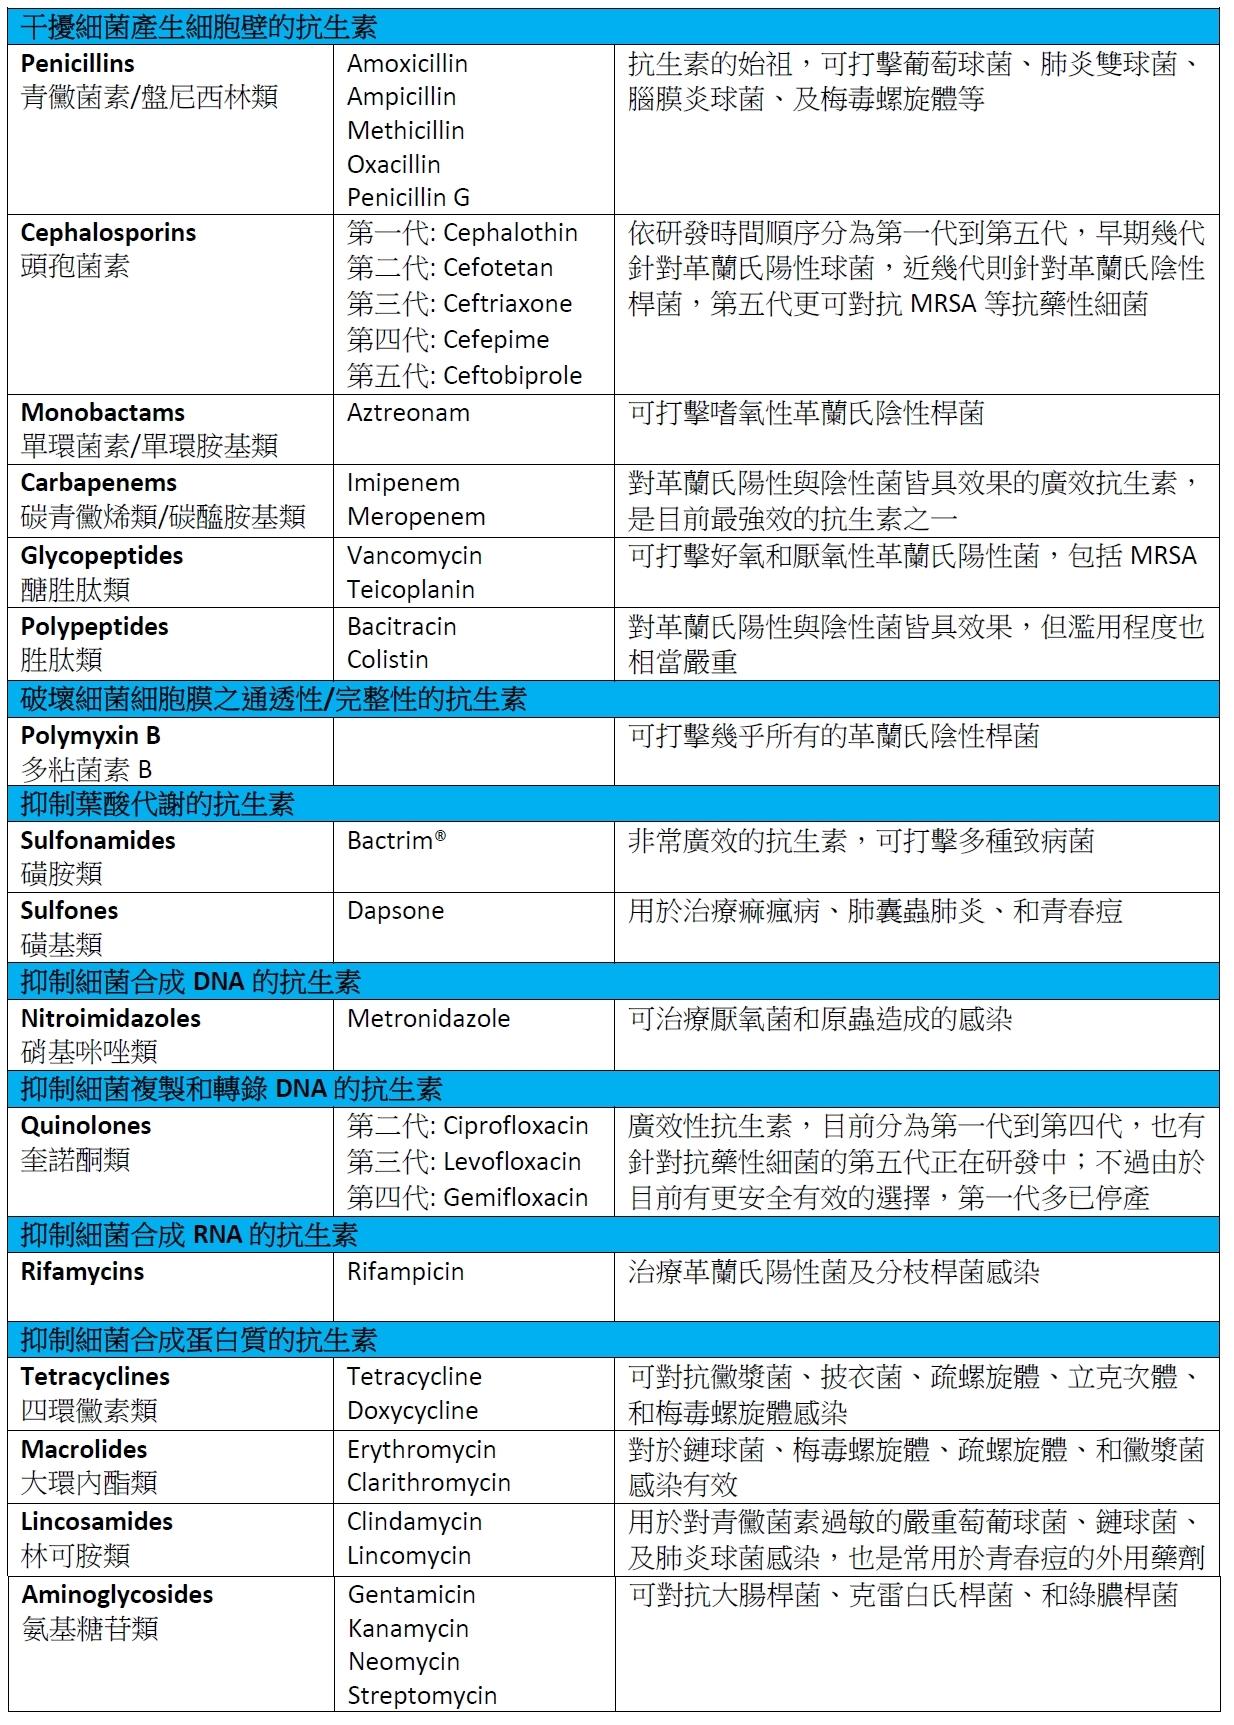 抗生素藥物表2